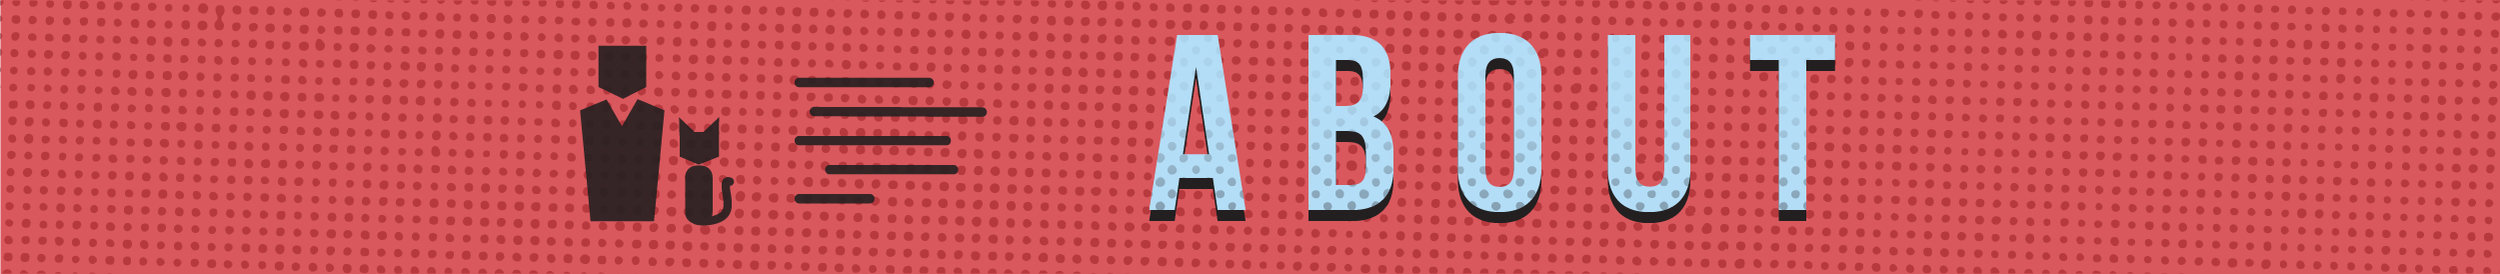 BannerAbout-01.jpg